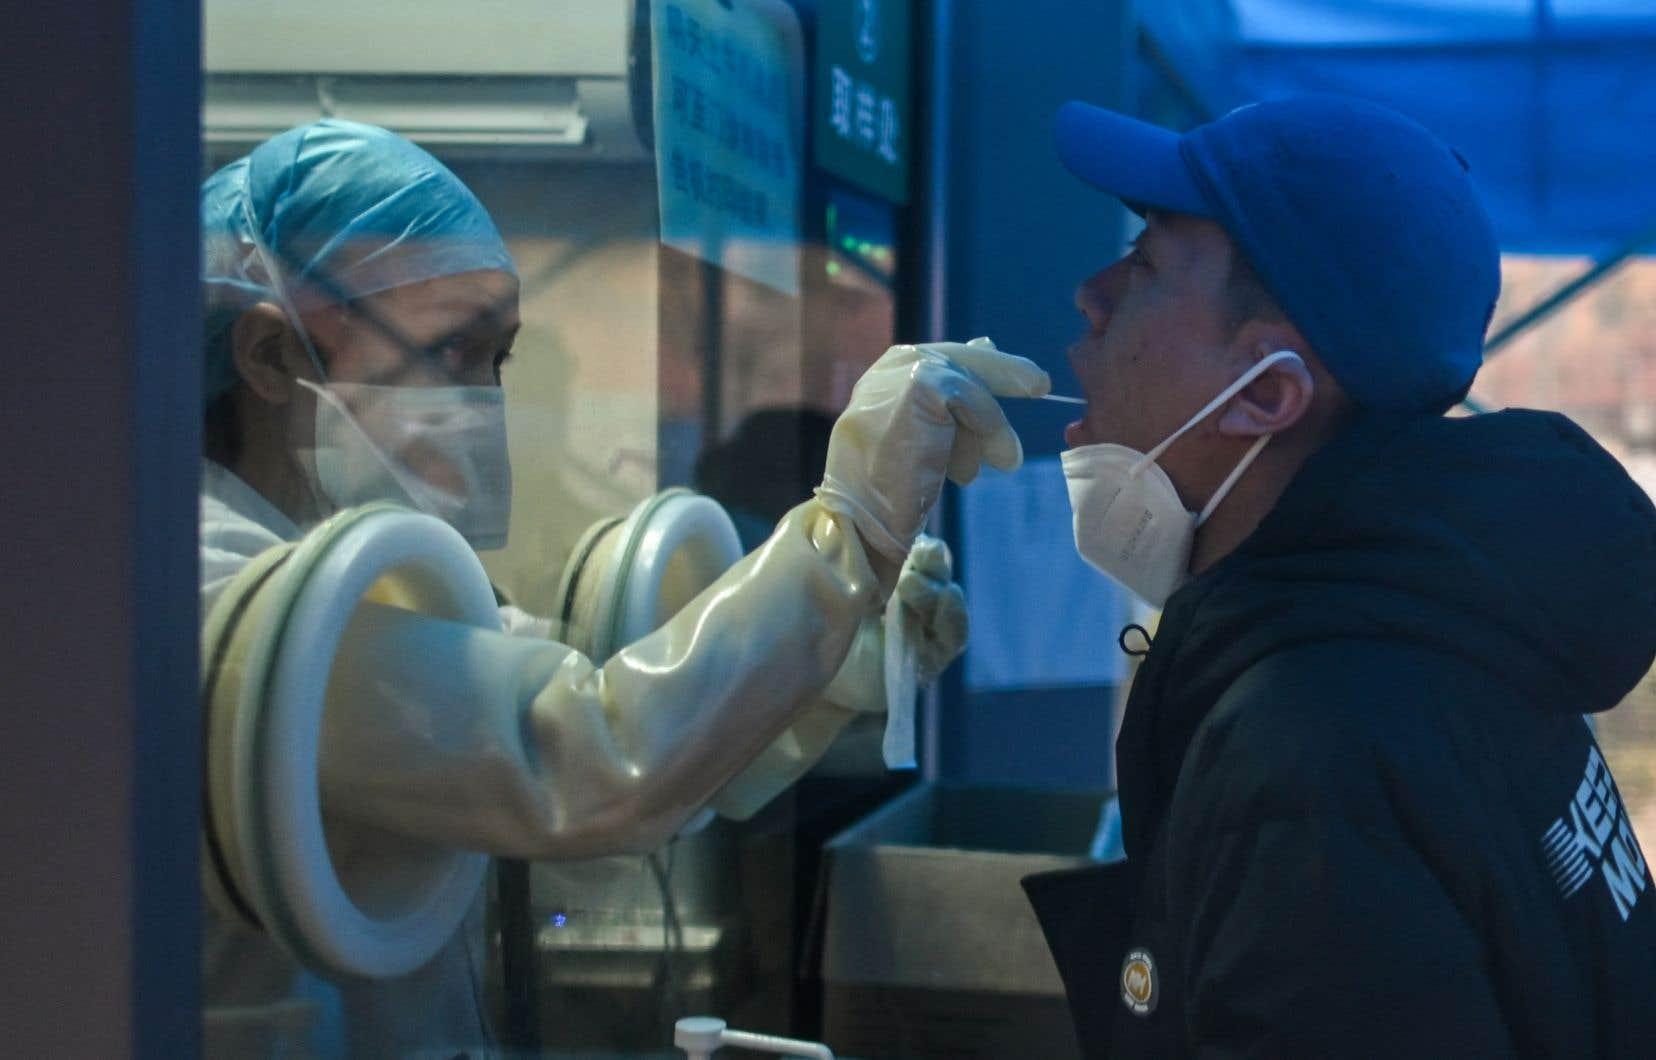 Les experts de l'OMS ne savent pas où et quand la pandémie a réellement commencé, même si aucun foyer d'importance n'a été signalé à Wuhan ou ailleurs avant décembre 2019.